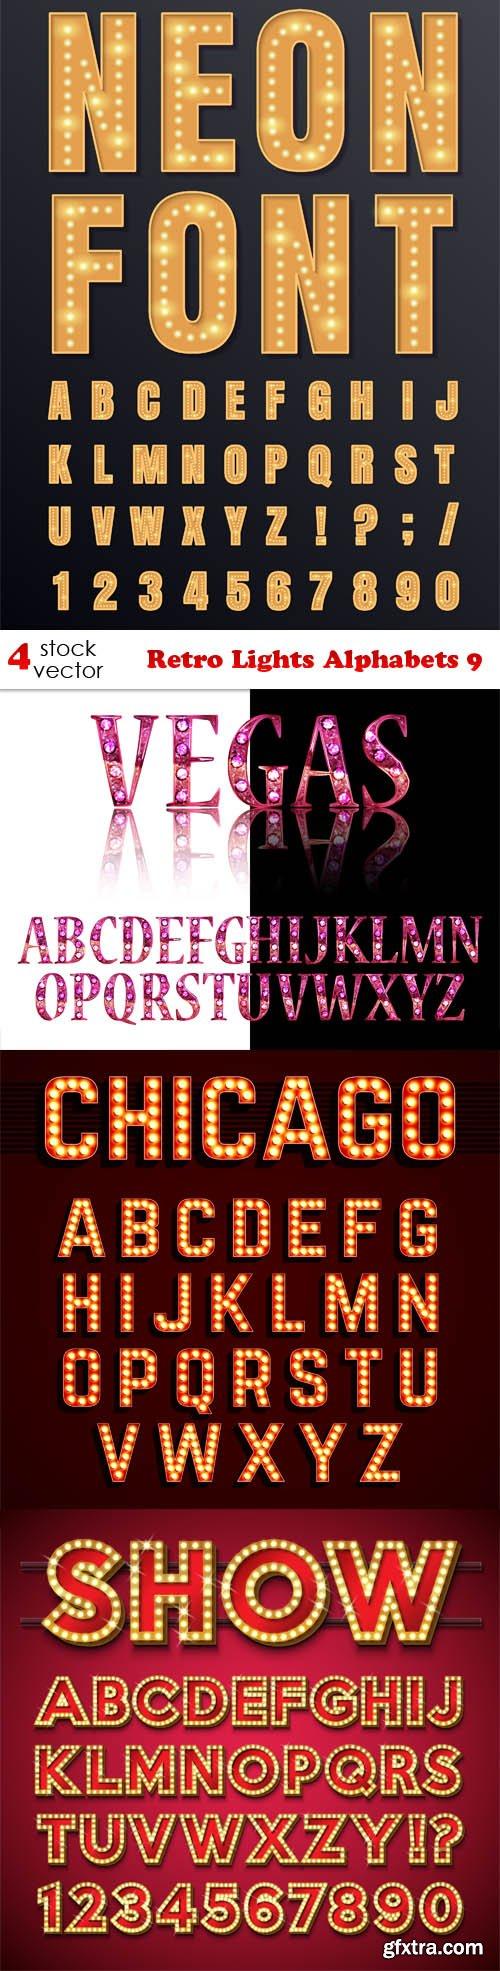 Vectors - Retro Lights Alphabets 9